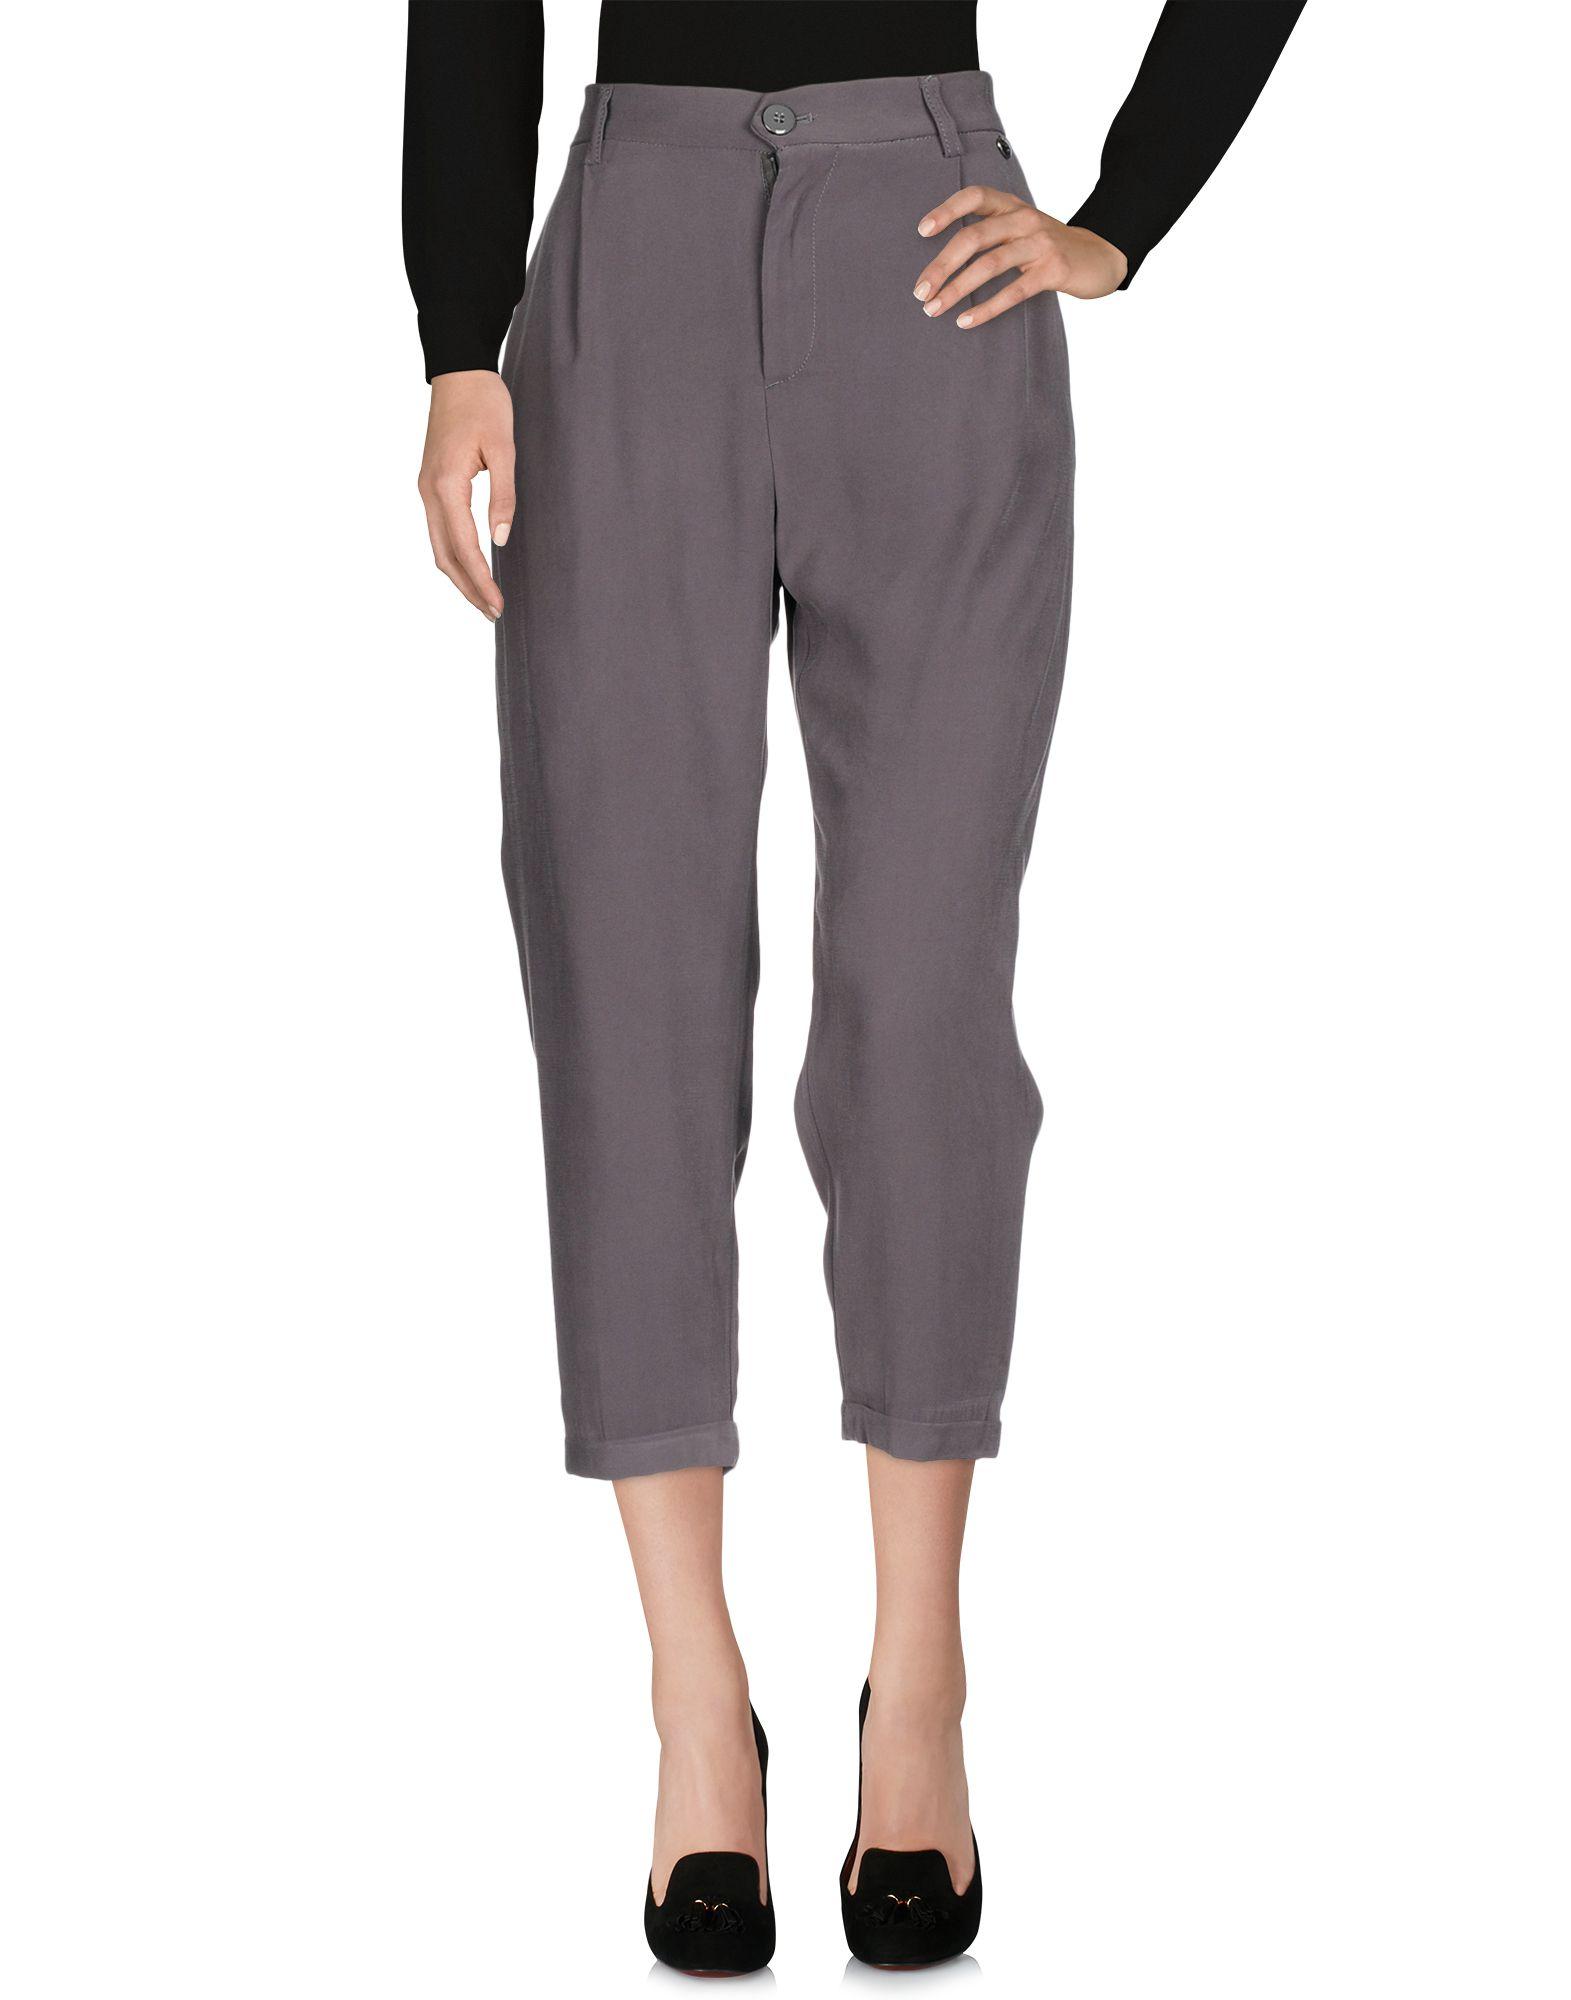 Модная женская одежда популярных брендов 2019 - TriatlonInfo 6e15ca74edb38